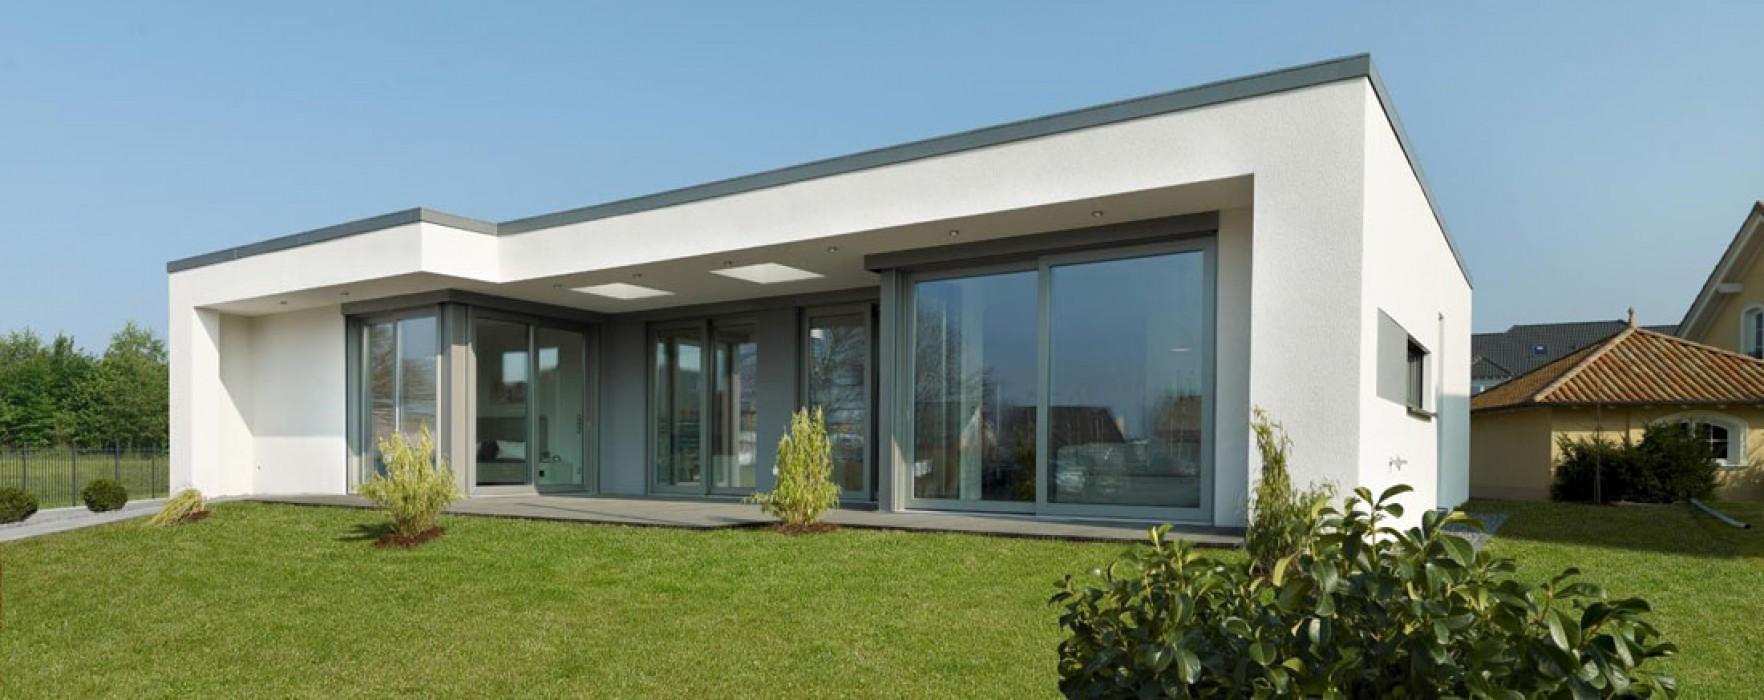 Impianti termici per una casa in x lam for Piani di ascensori costruiti in casa